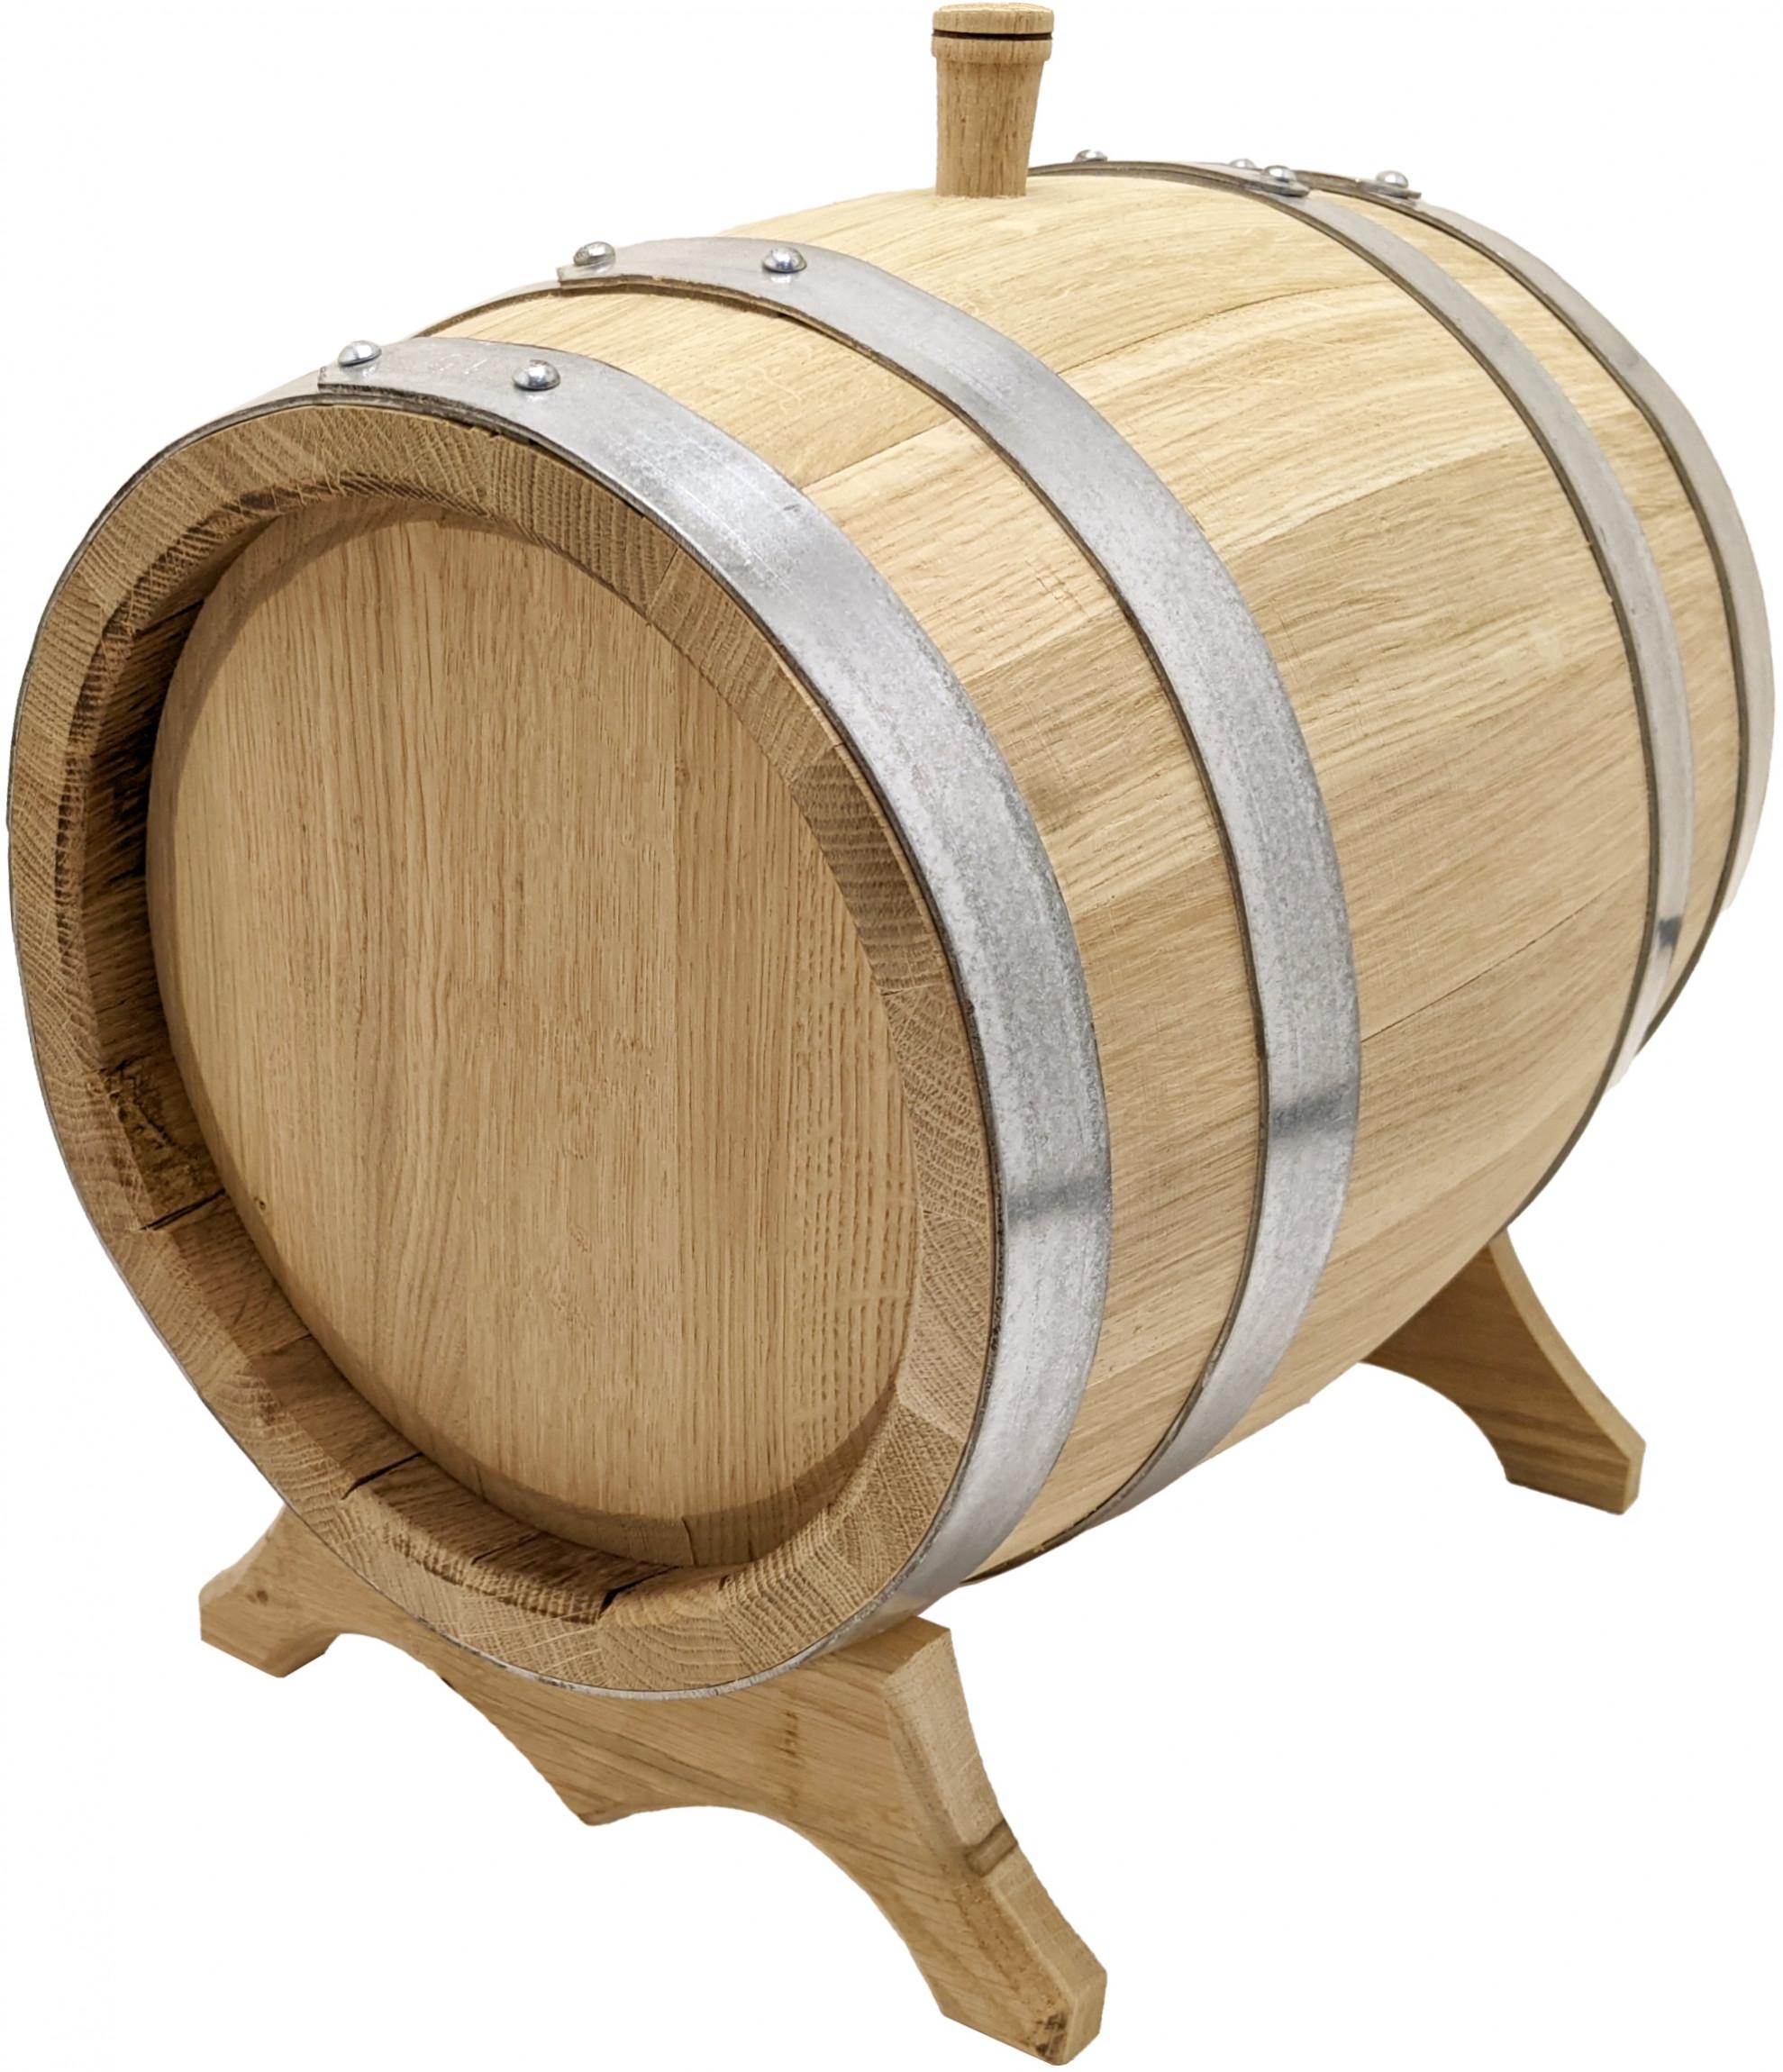 30 l Russian Oak Barrel